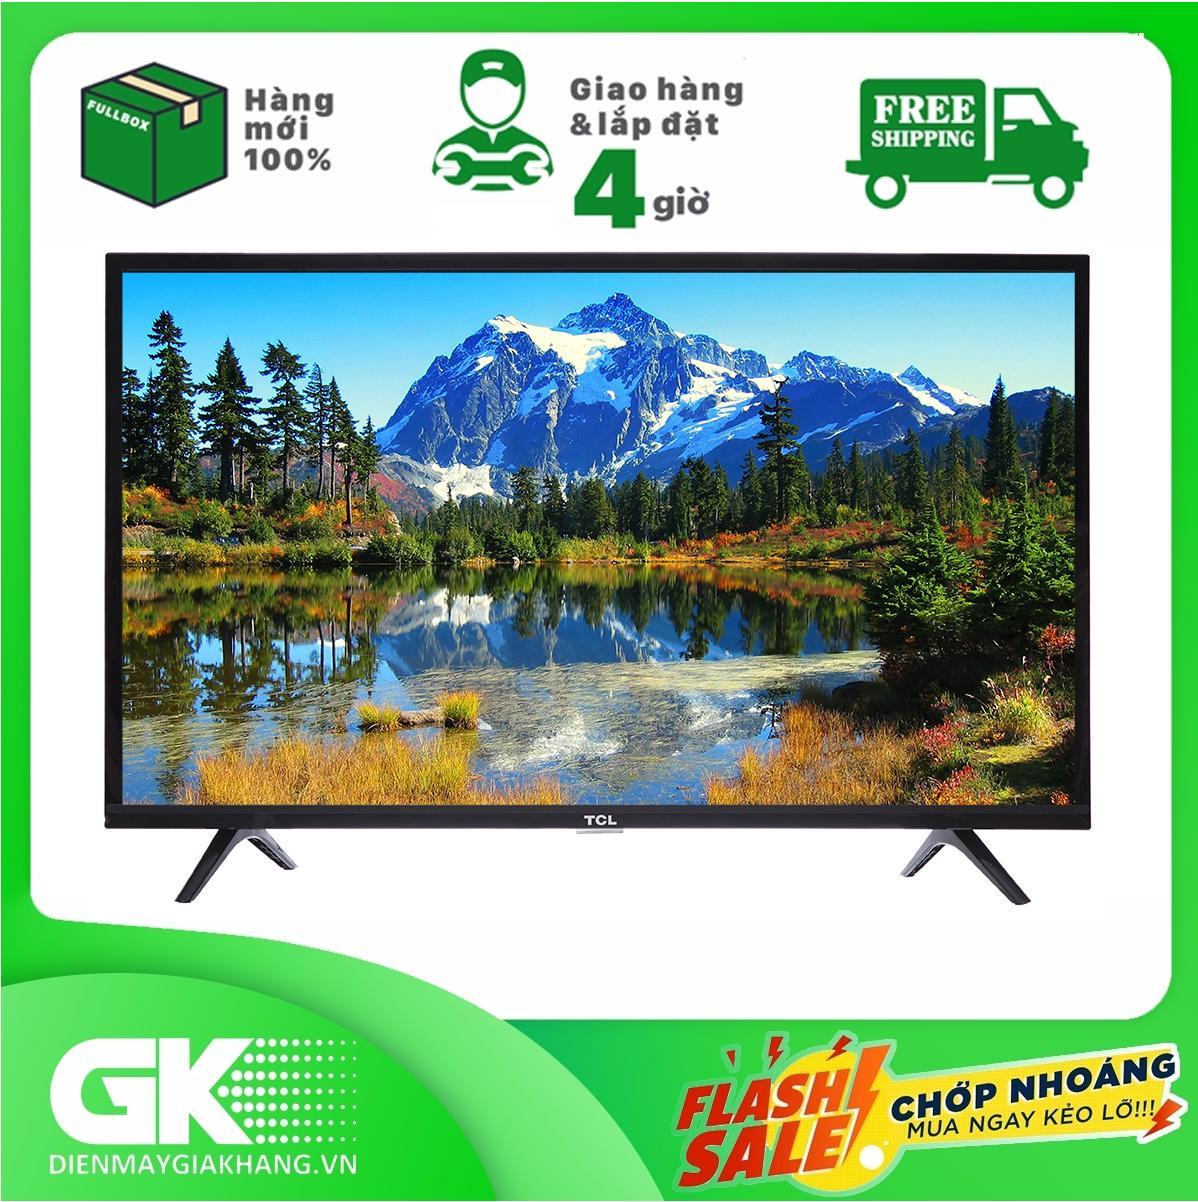 Bảng giá Tivi TCL 32 inch HD L32D3000 - Bảo hành 3 năm, giao hàng & lắp đặt trong 4 giờ